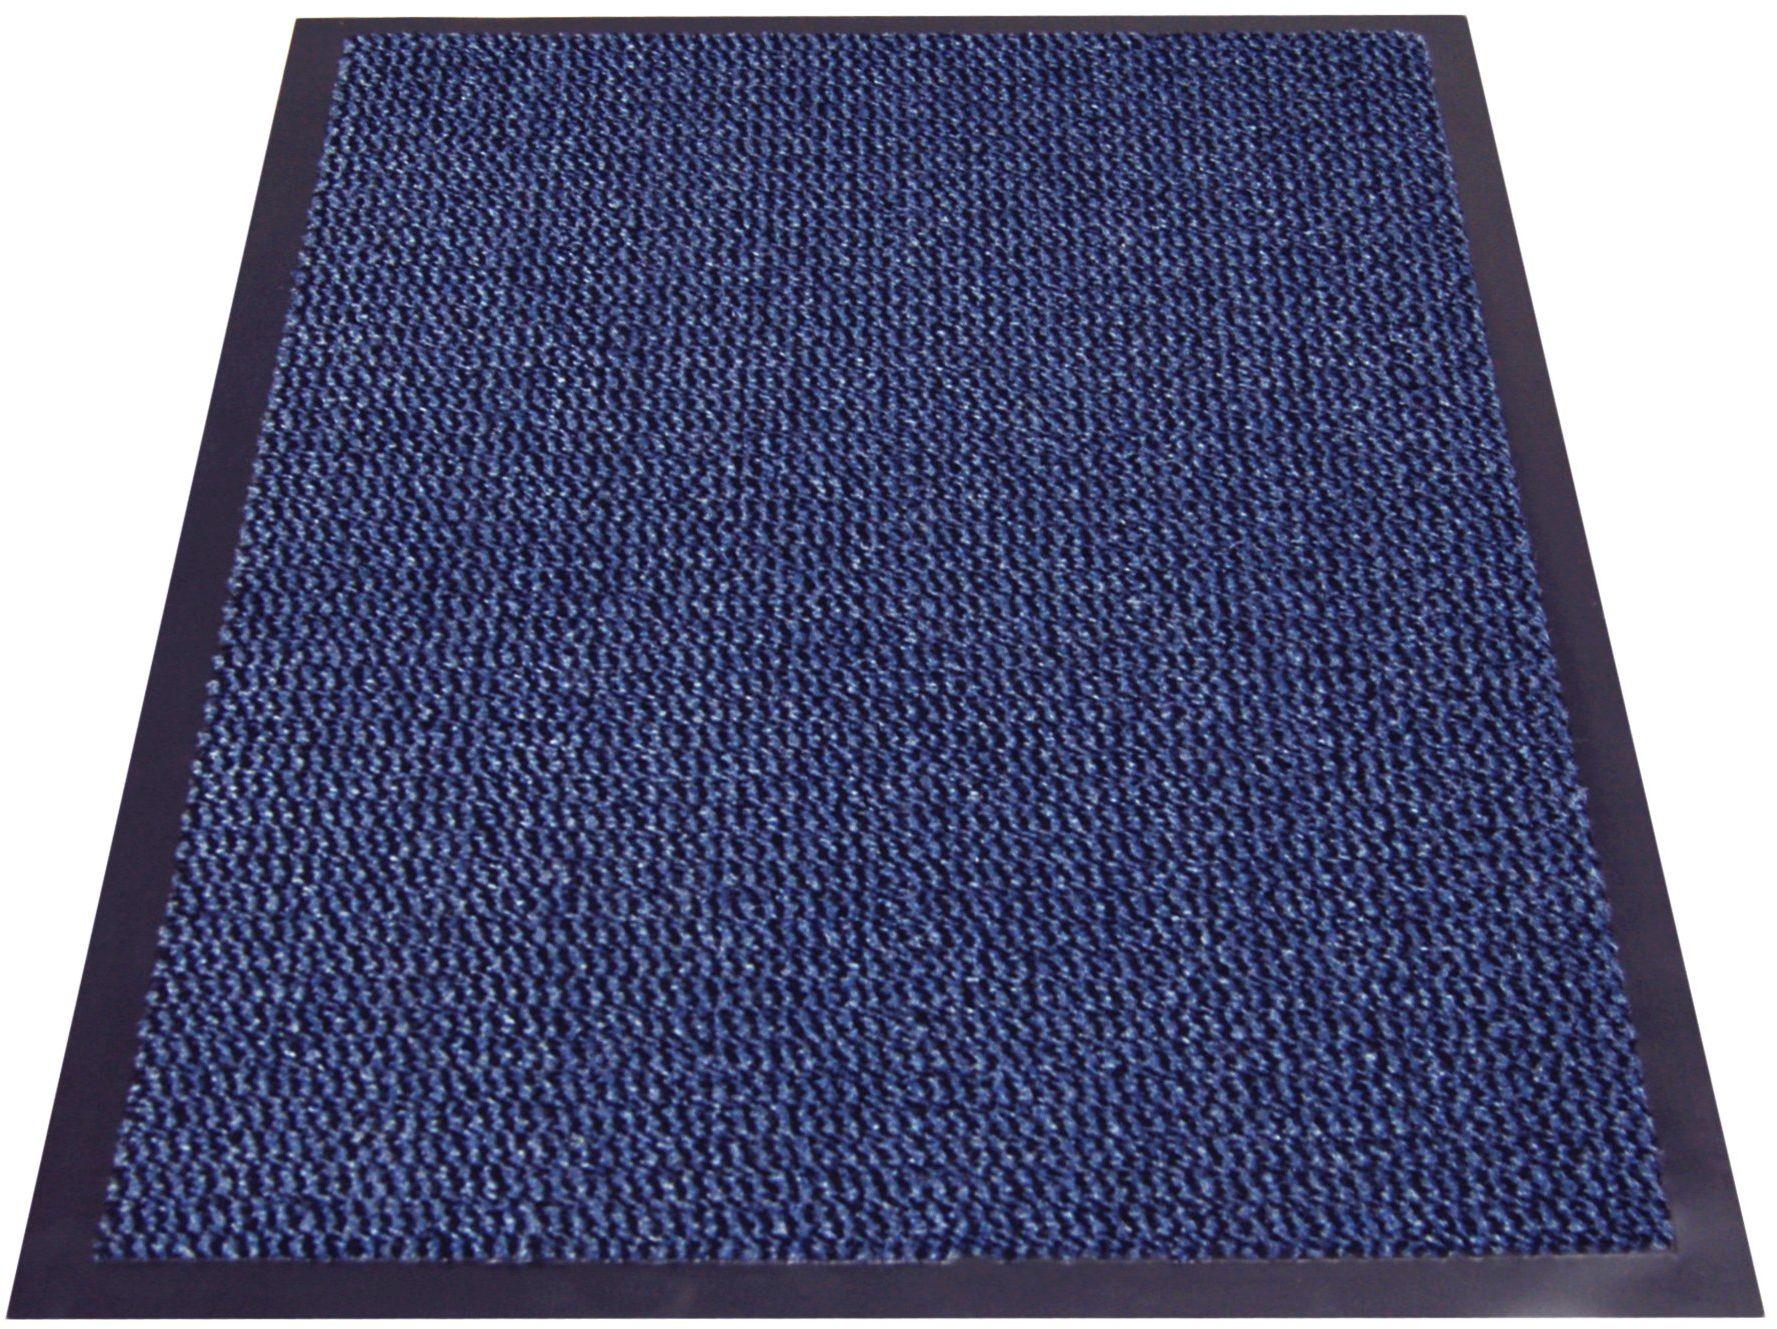 miltex Wycieraczka zatrzymująca brud, niebieska, 60 x 90 cm